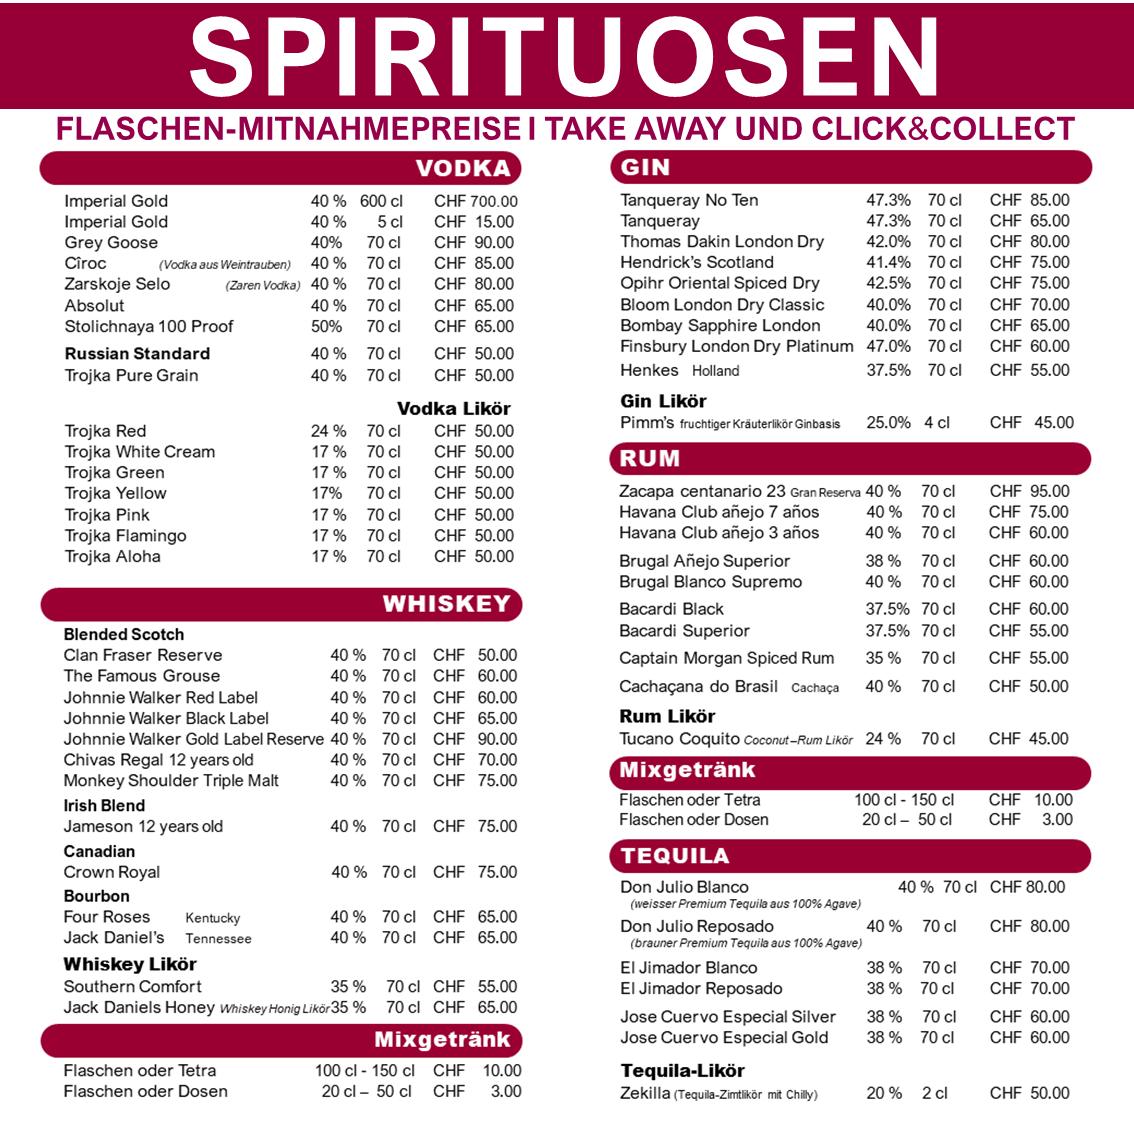 Flaschen-Mitnahme-Preise